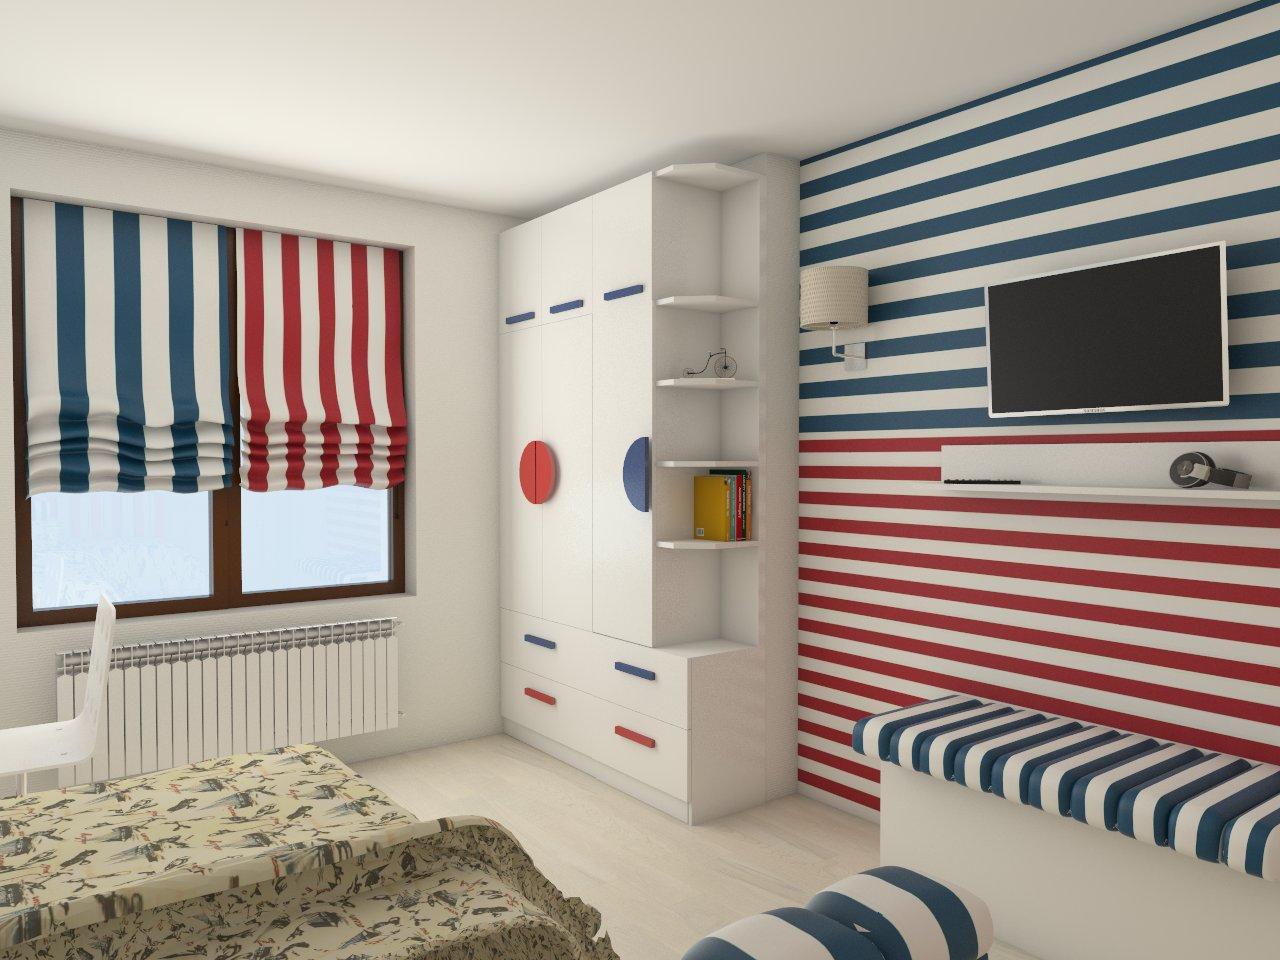 Interior design for a room for children, Vitosha, Sofia